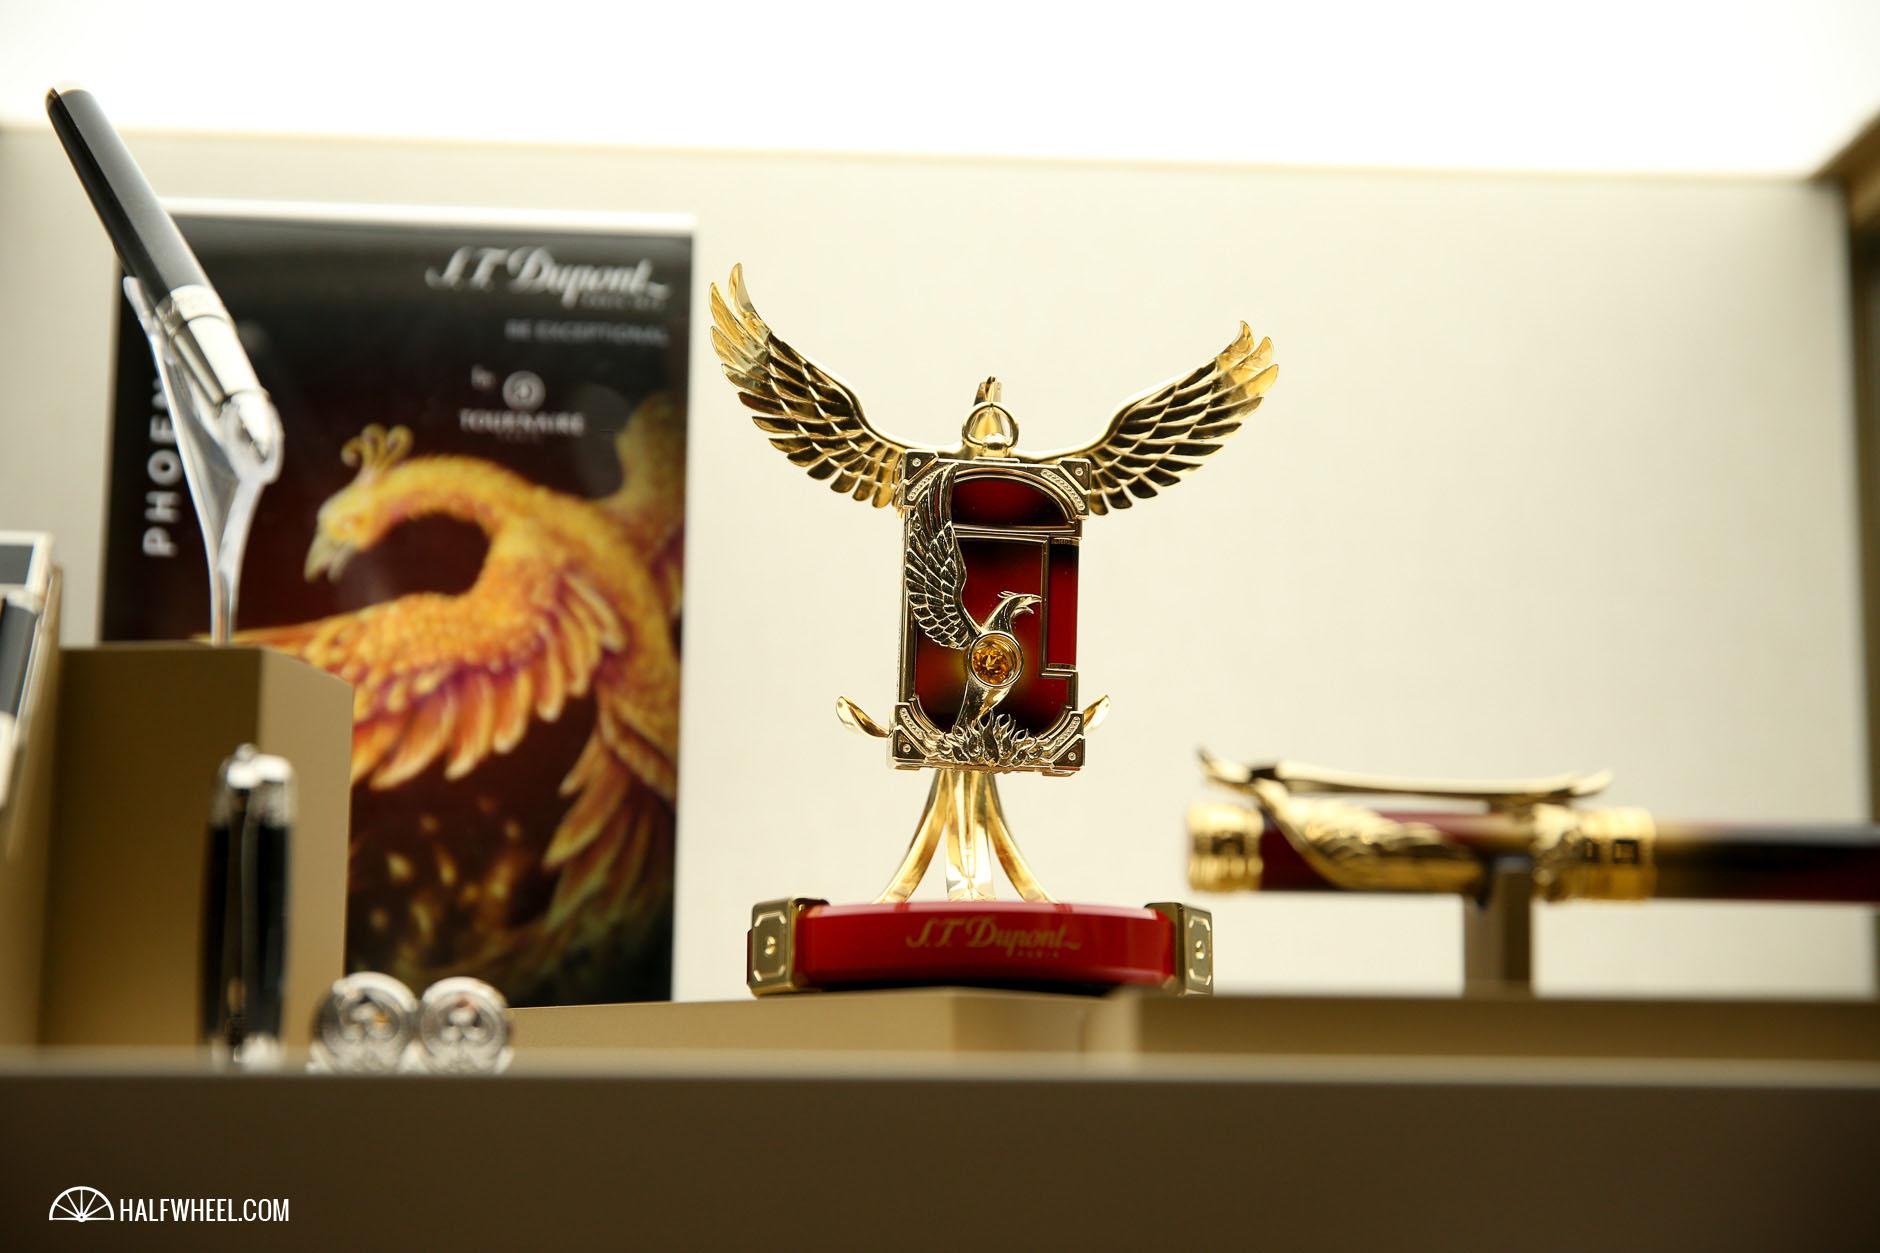 S.T.Dupont Phoenix Renaissance Prestige Lighter Base